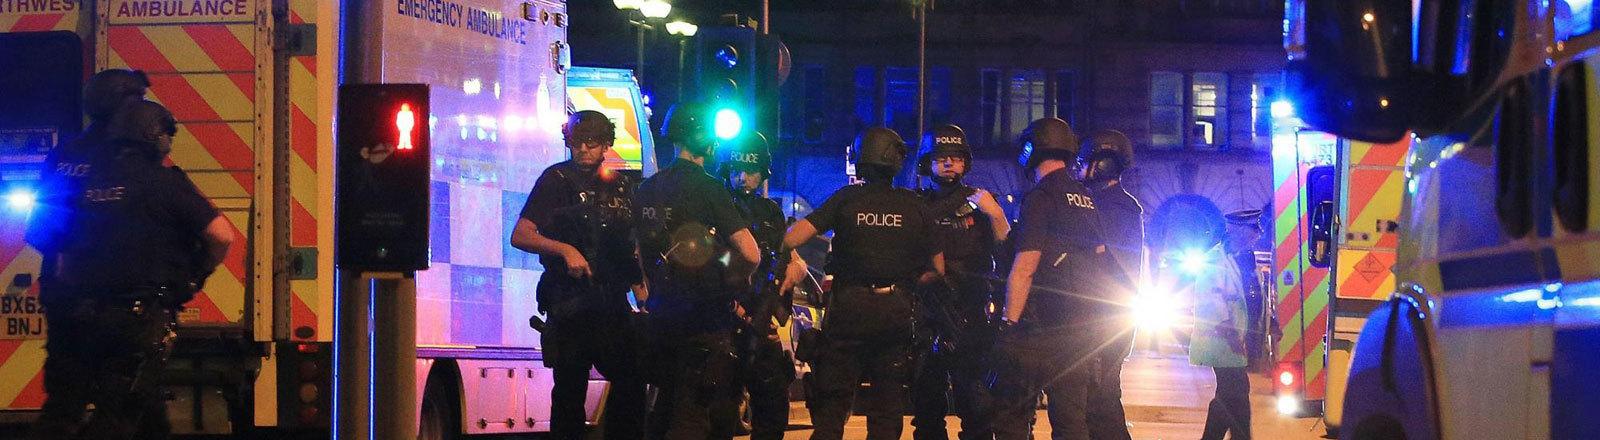 Bewaffnete Polizisten und Einsatzfahrzeuge mit Blaulicht an der Arena in Manchester.